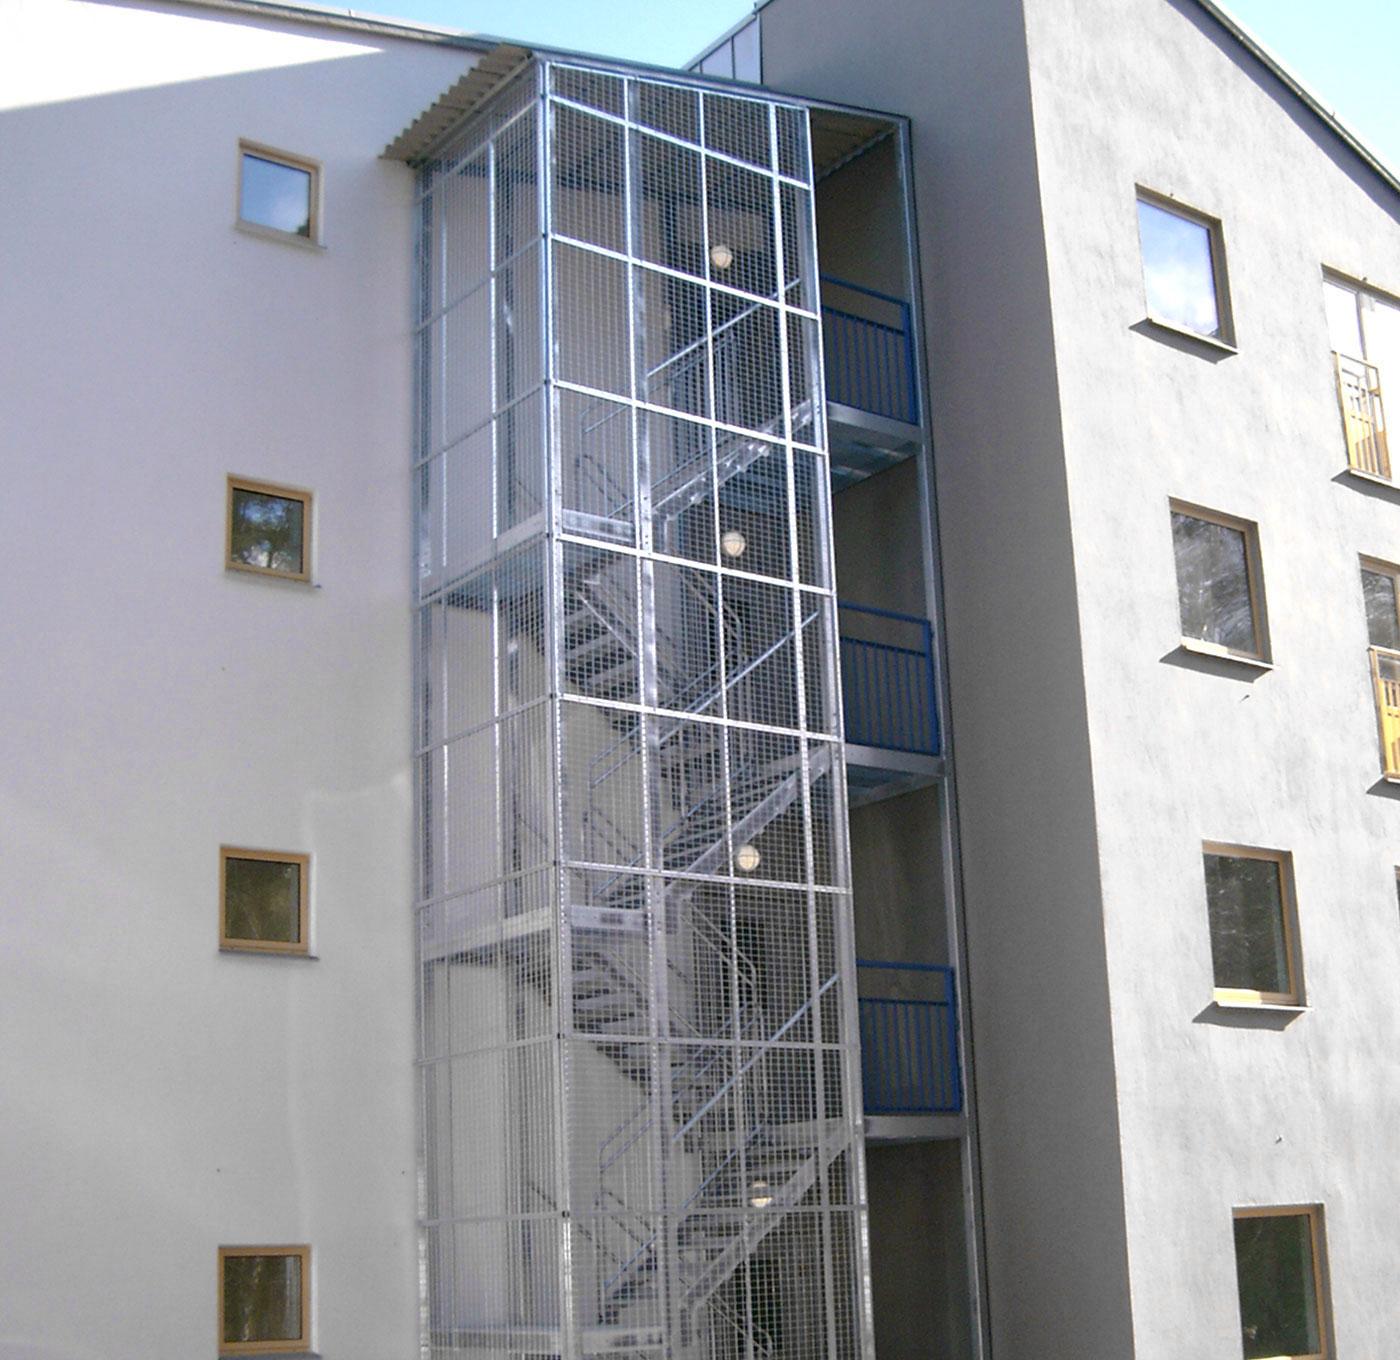 Gerade Treppe mit mehreren Abschnitten